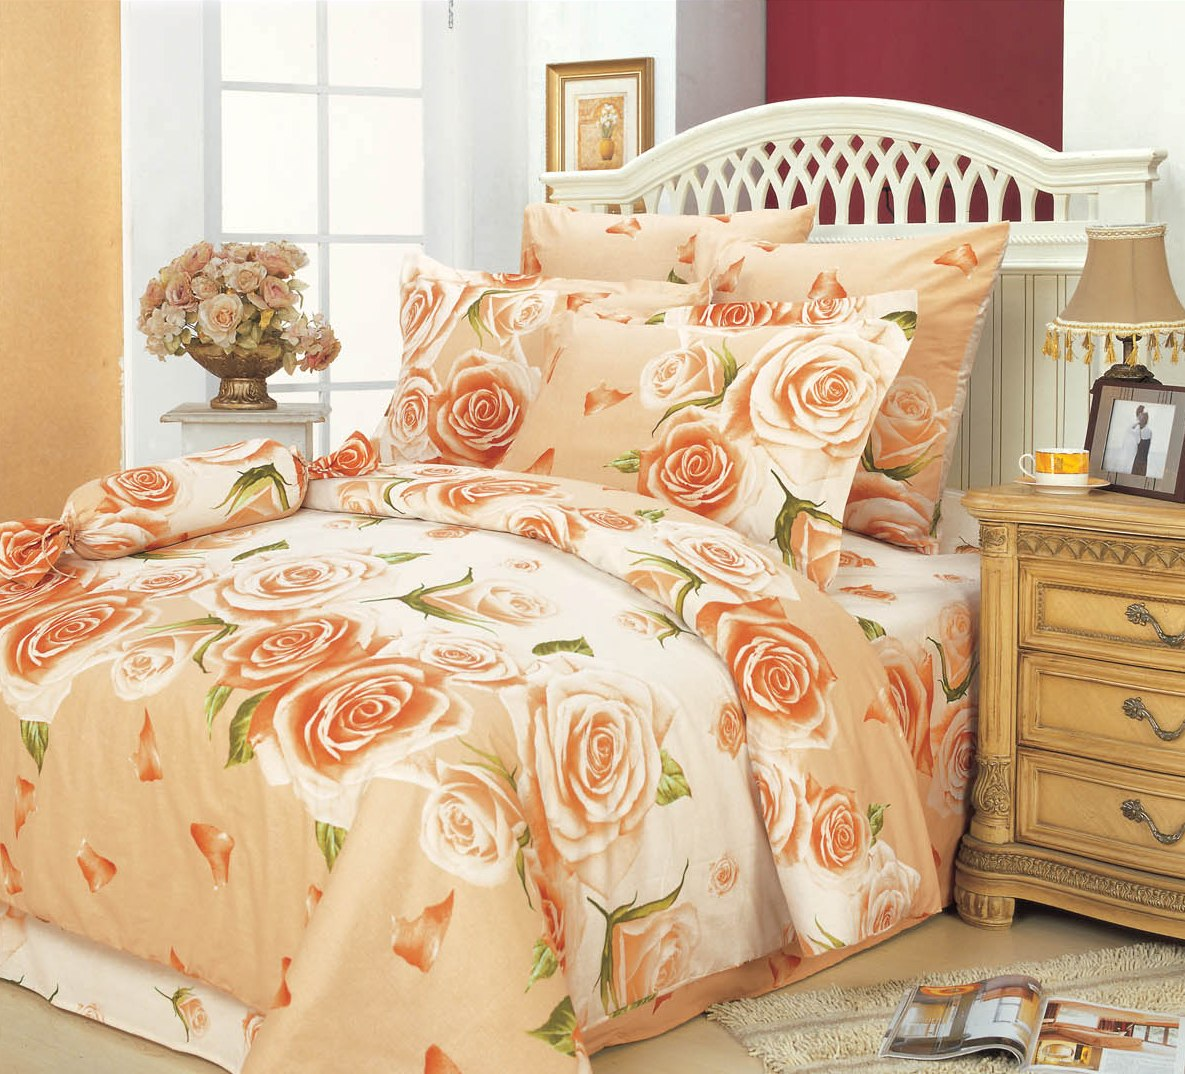 Купить Комплекты постельного белья СайлиД, Постельное белье Elif А/s-68 (2 сп. евро), Китай, Персиковый, Поплин